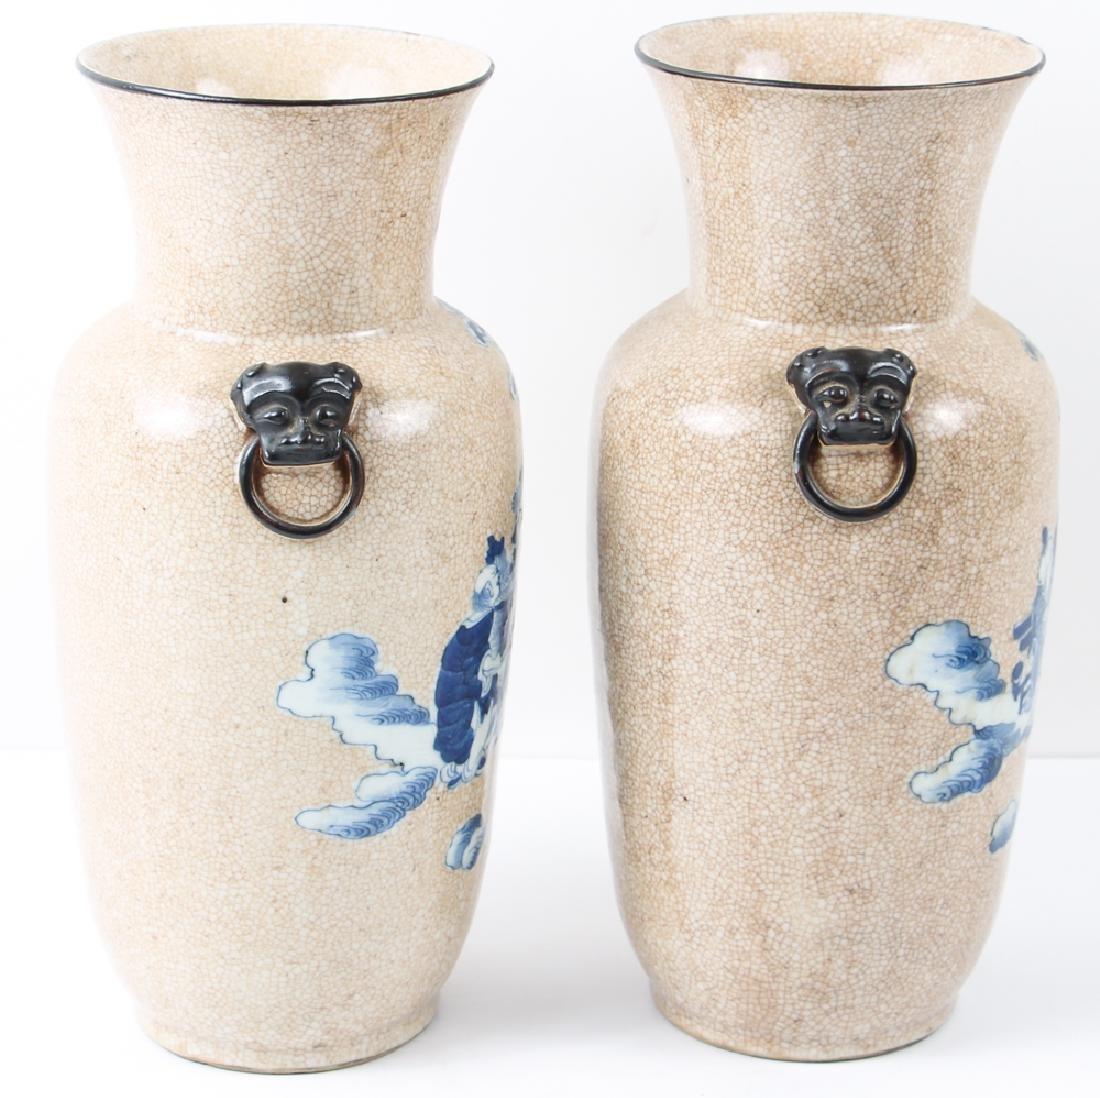 Four Pieces Chinese Crackle Glaze Ceramics - 3